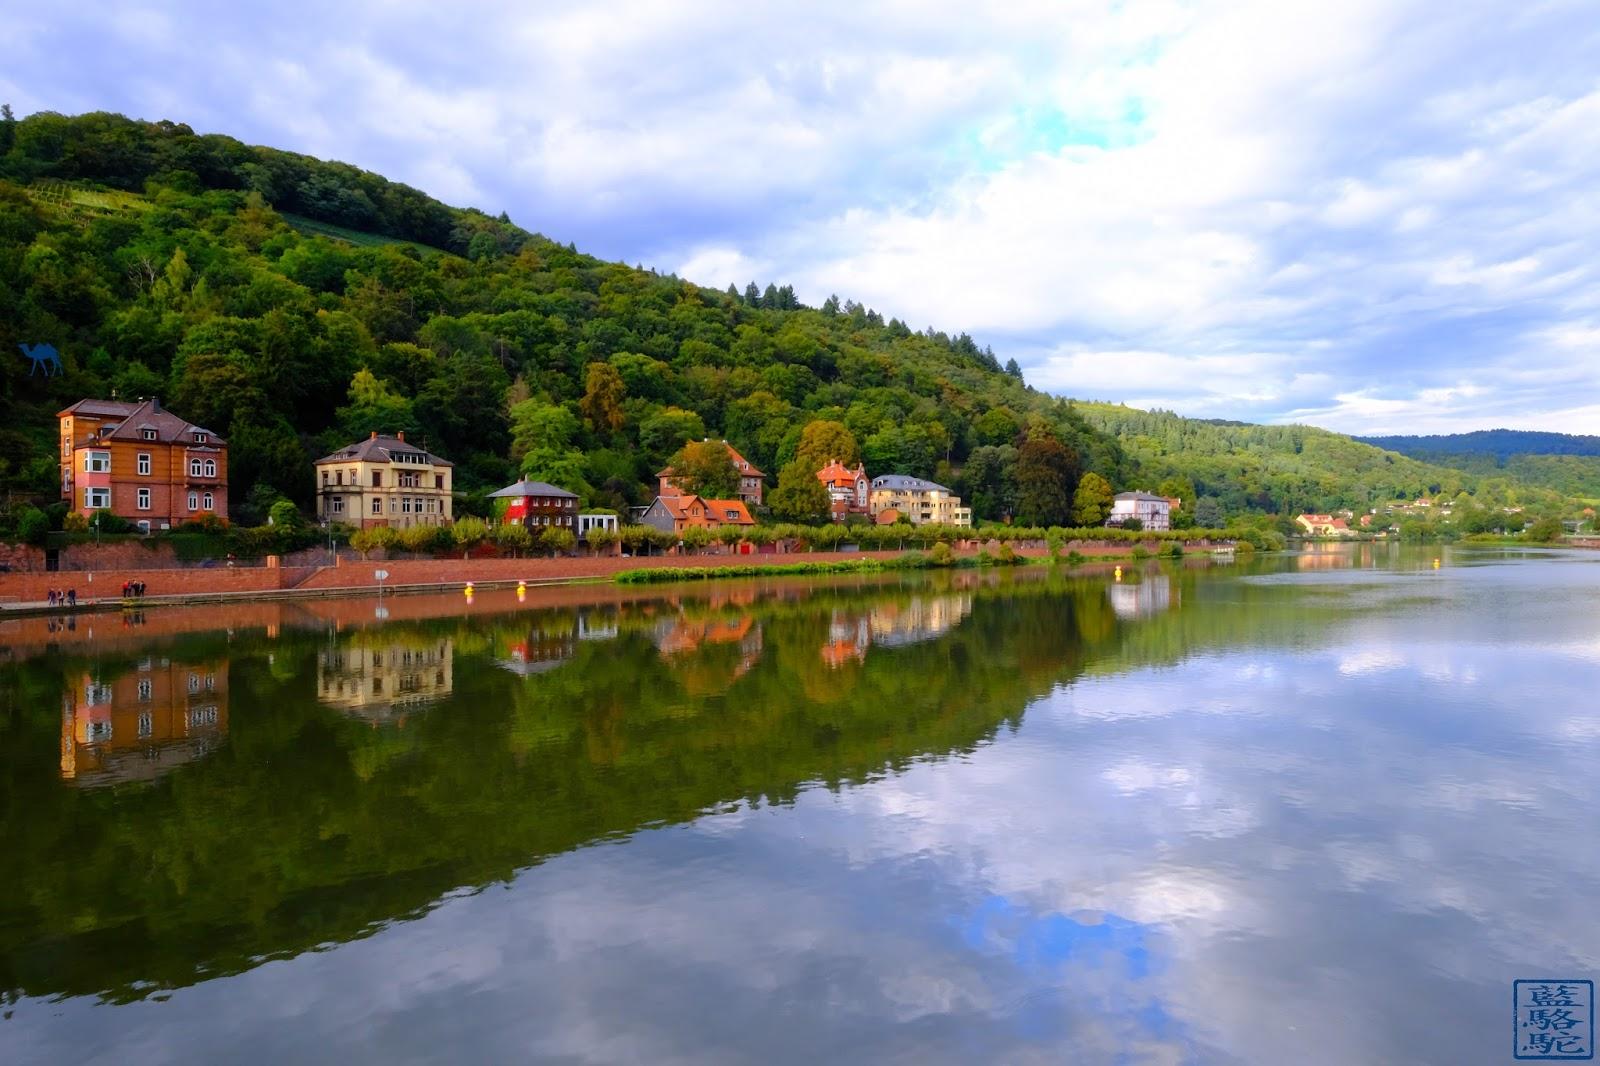 Le Chameau Bleu - Reflet sur le Neckar - Heidelberg